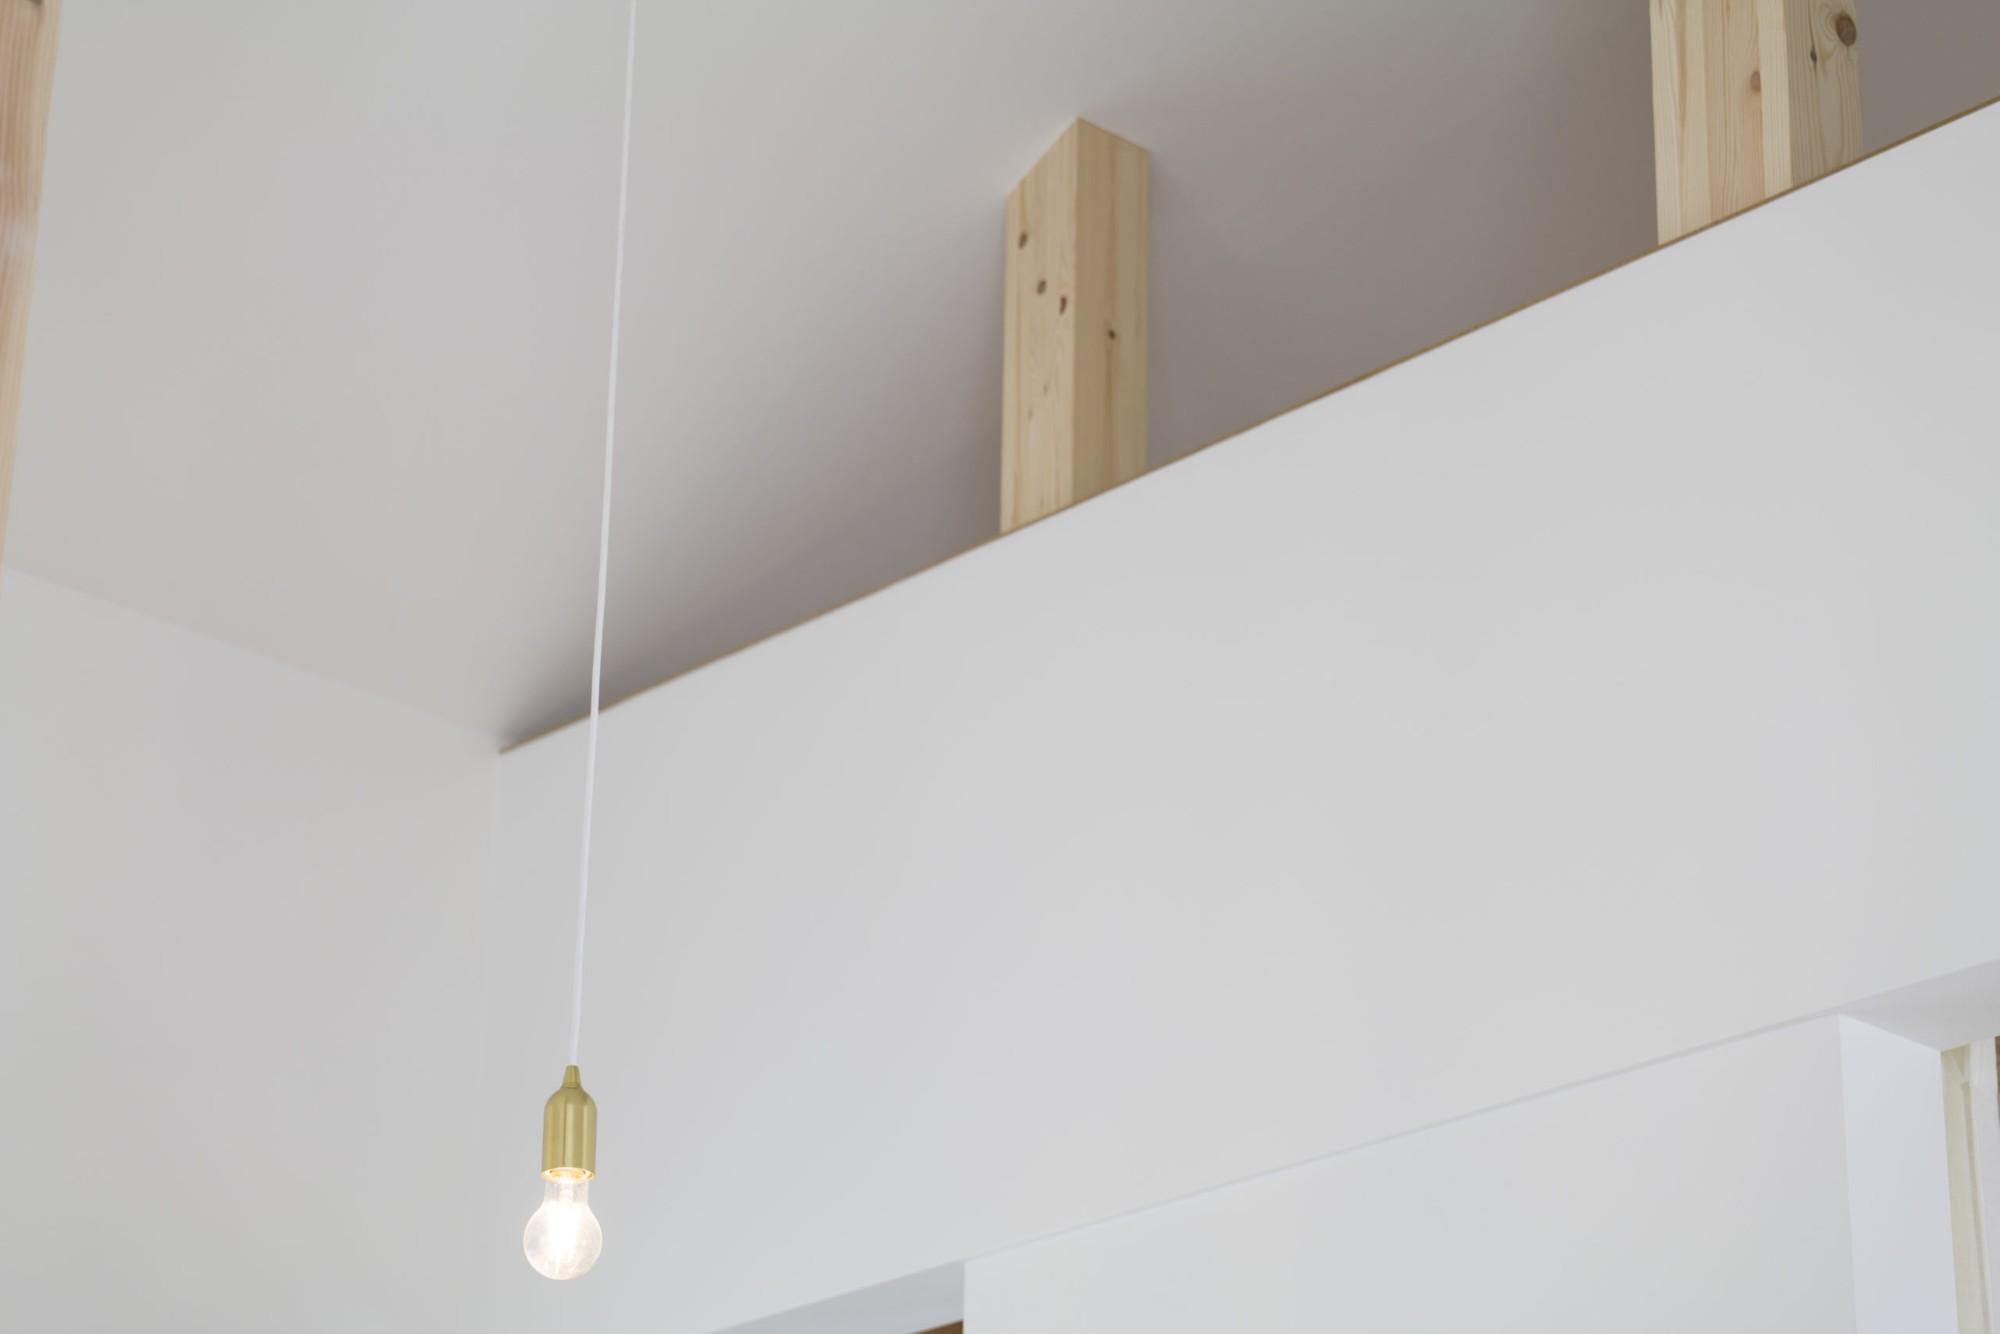 株式会社あかがわ建築設計室「悠遠の家」のシンプル・ナチュラル・モダン・自然素材なリビング・ダイニングの実例写真